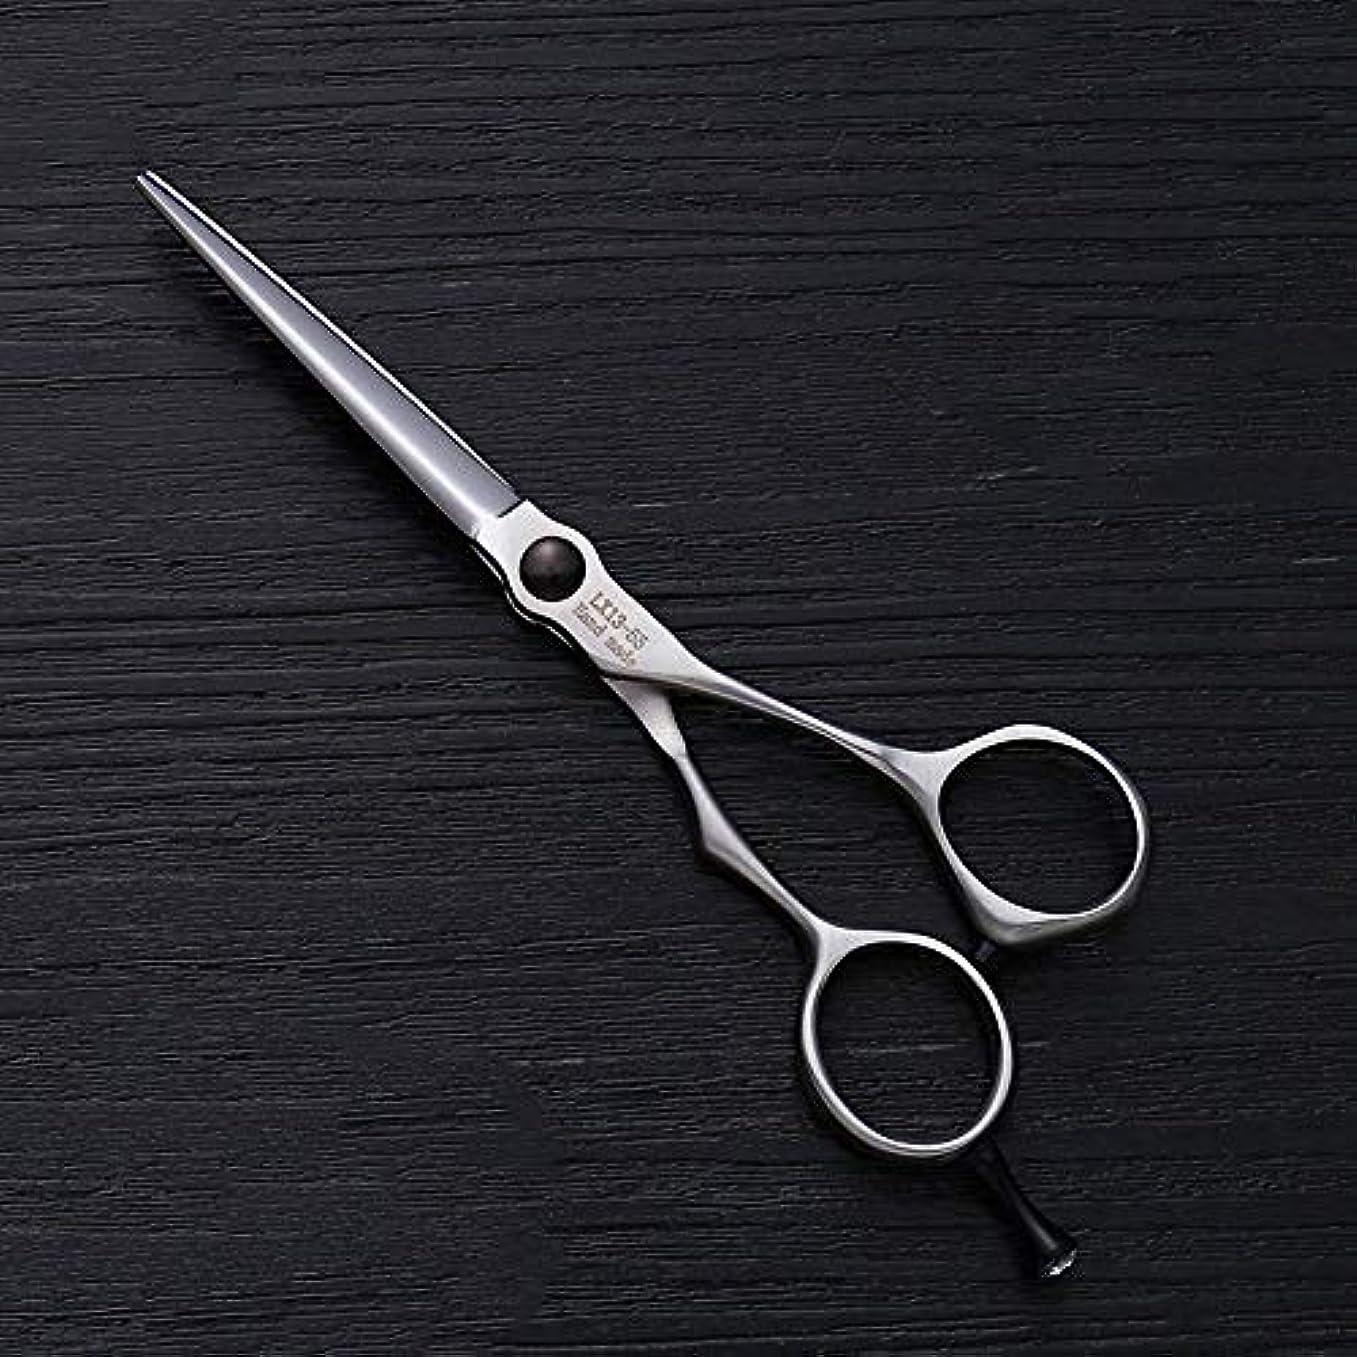 学んだ入り口ブレークHairdressing 5.5インチの理髪はさみステンレス鋼の平らなせん断前髪はさみ毛の切断はさみステンレス理髪はさみ (色 : Silver)